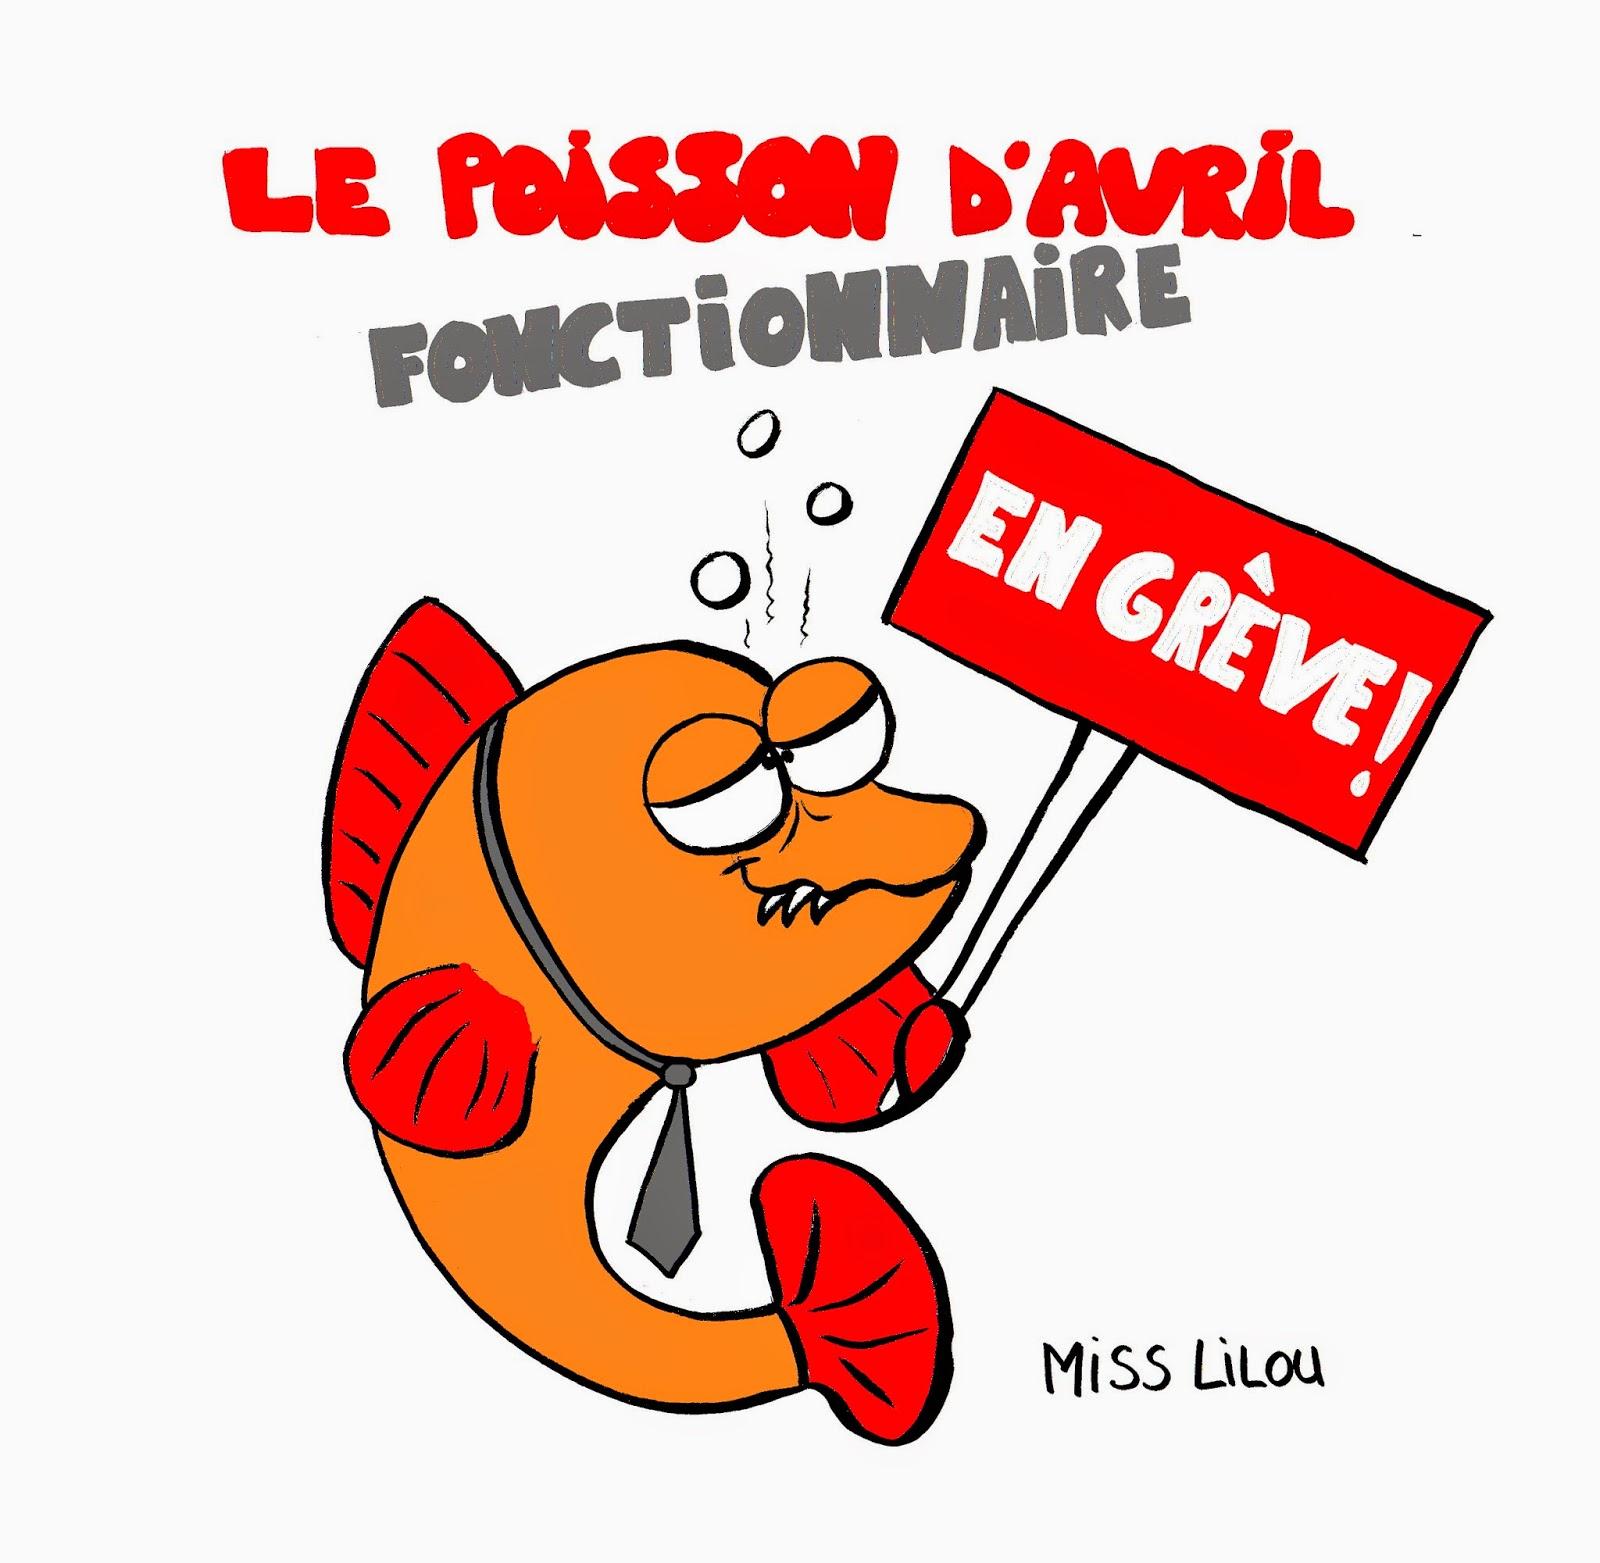 Acturatons le poisson d 39 avril fonctionnaire - Poisson rouge rigolo ...